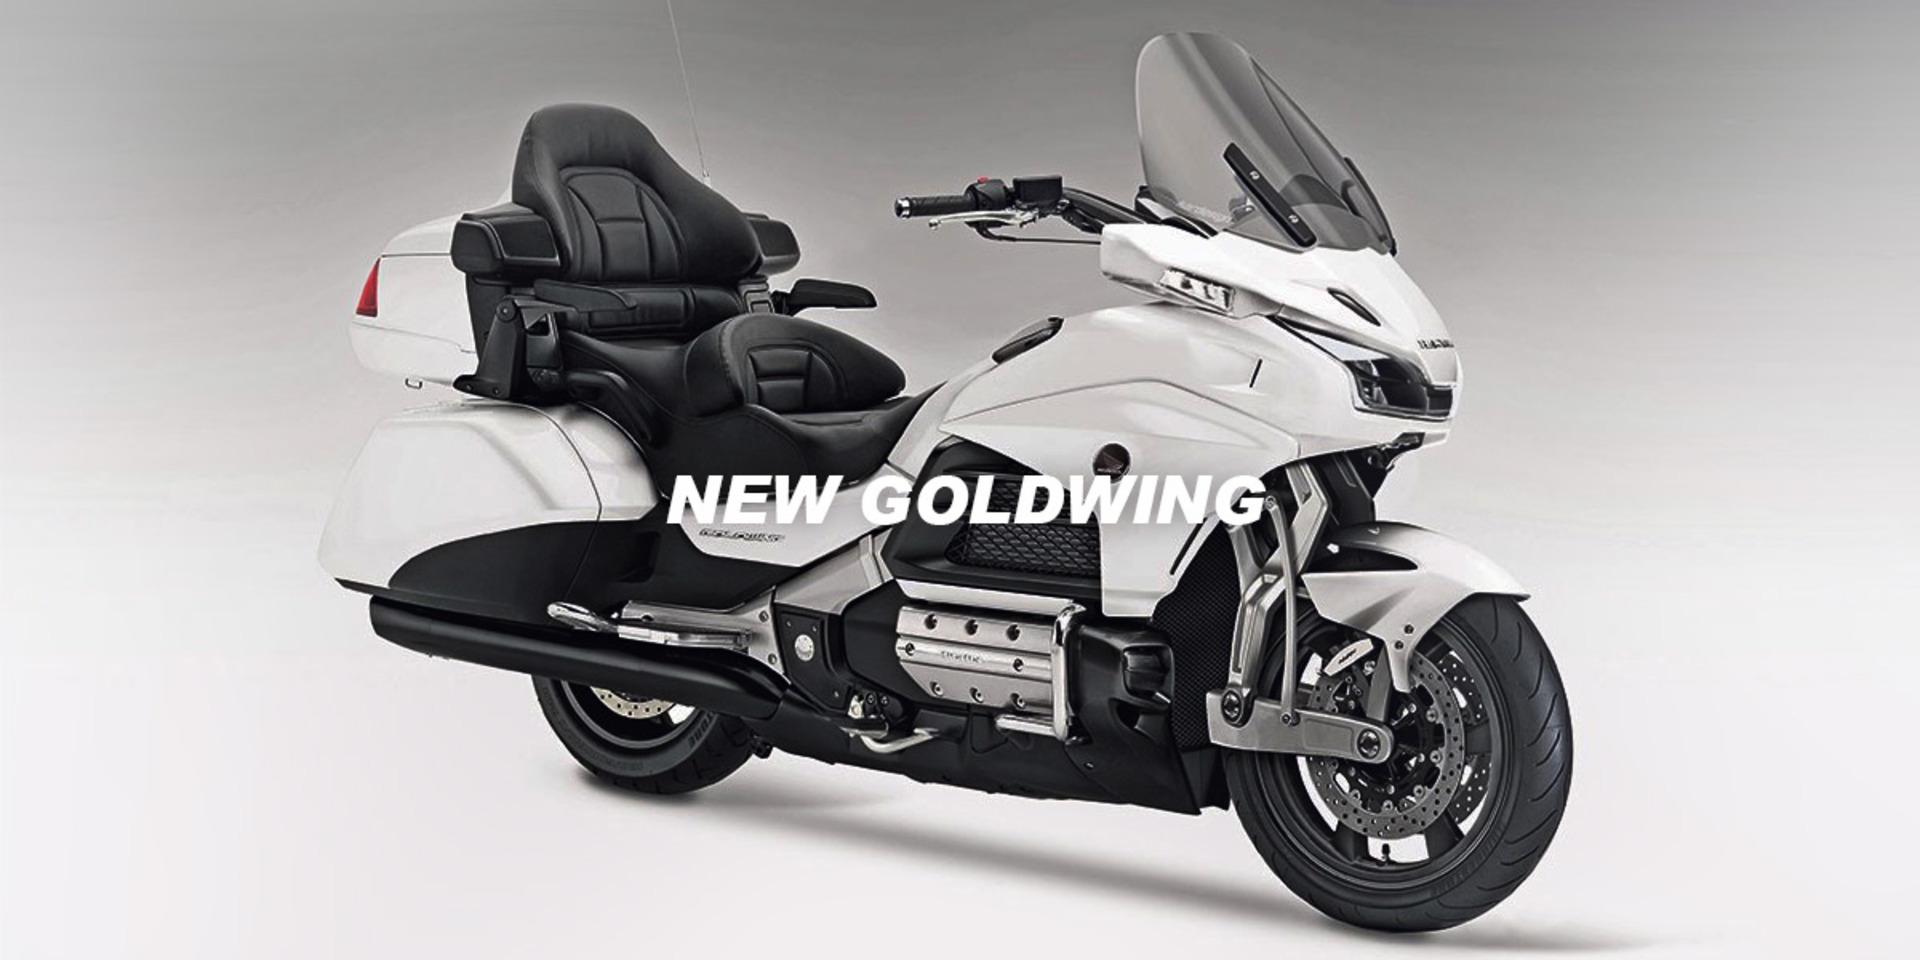 新專利前懸點燃引信!Honda新世代Goldwing震撼即將引爆